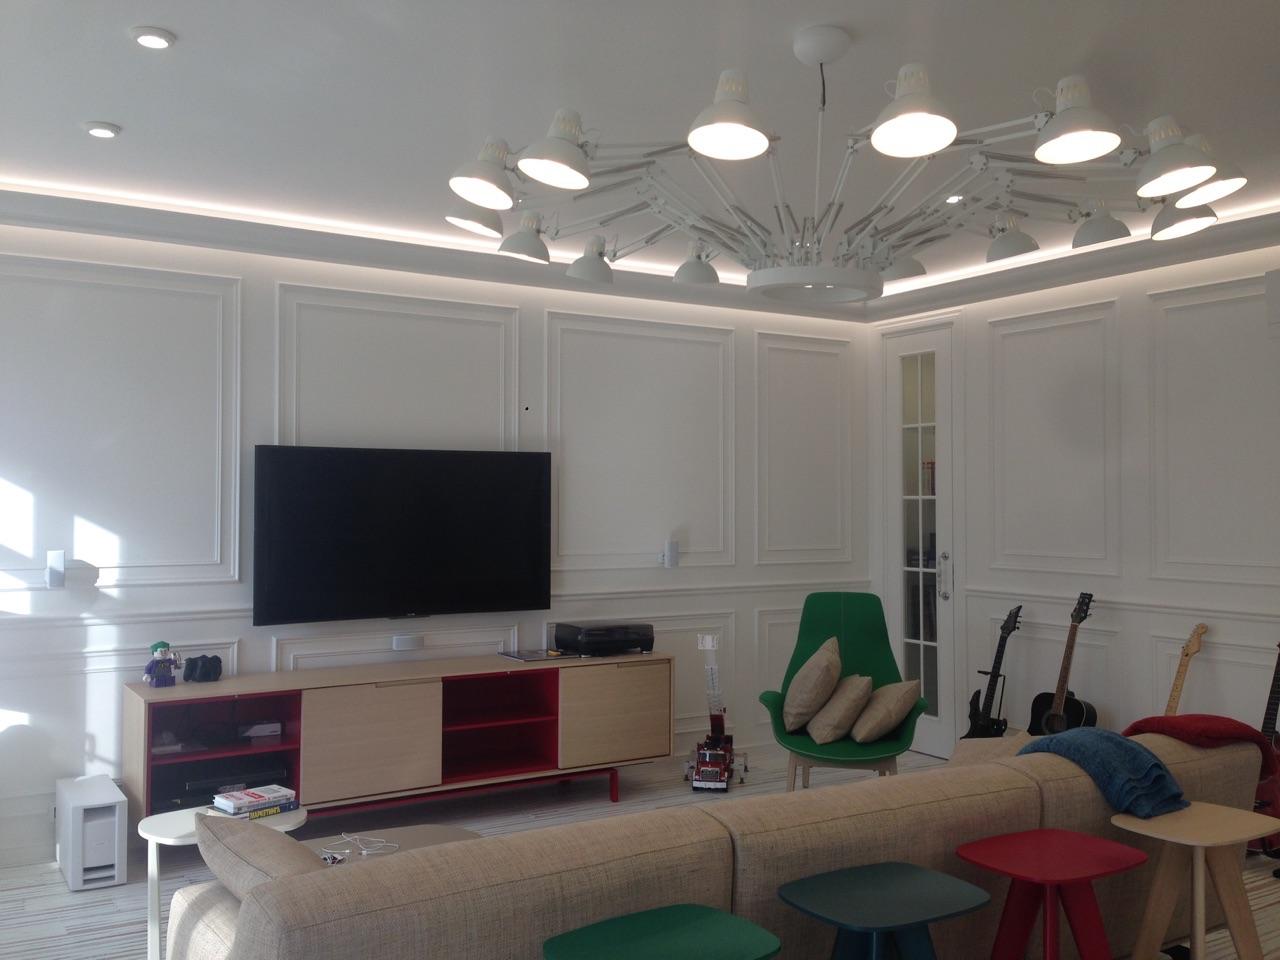 progettazione interni arredatore d 39 interni mosca moscow